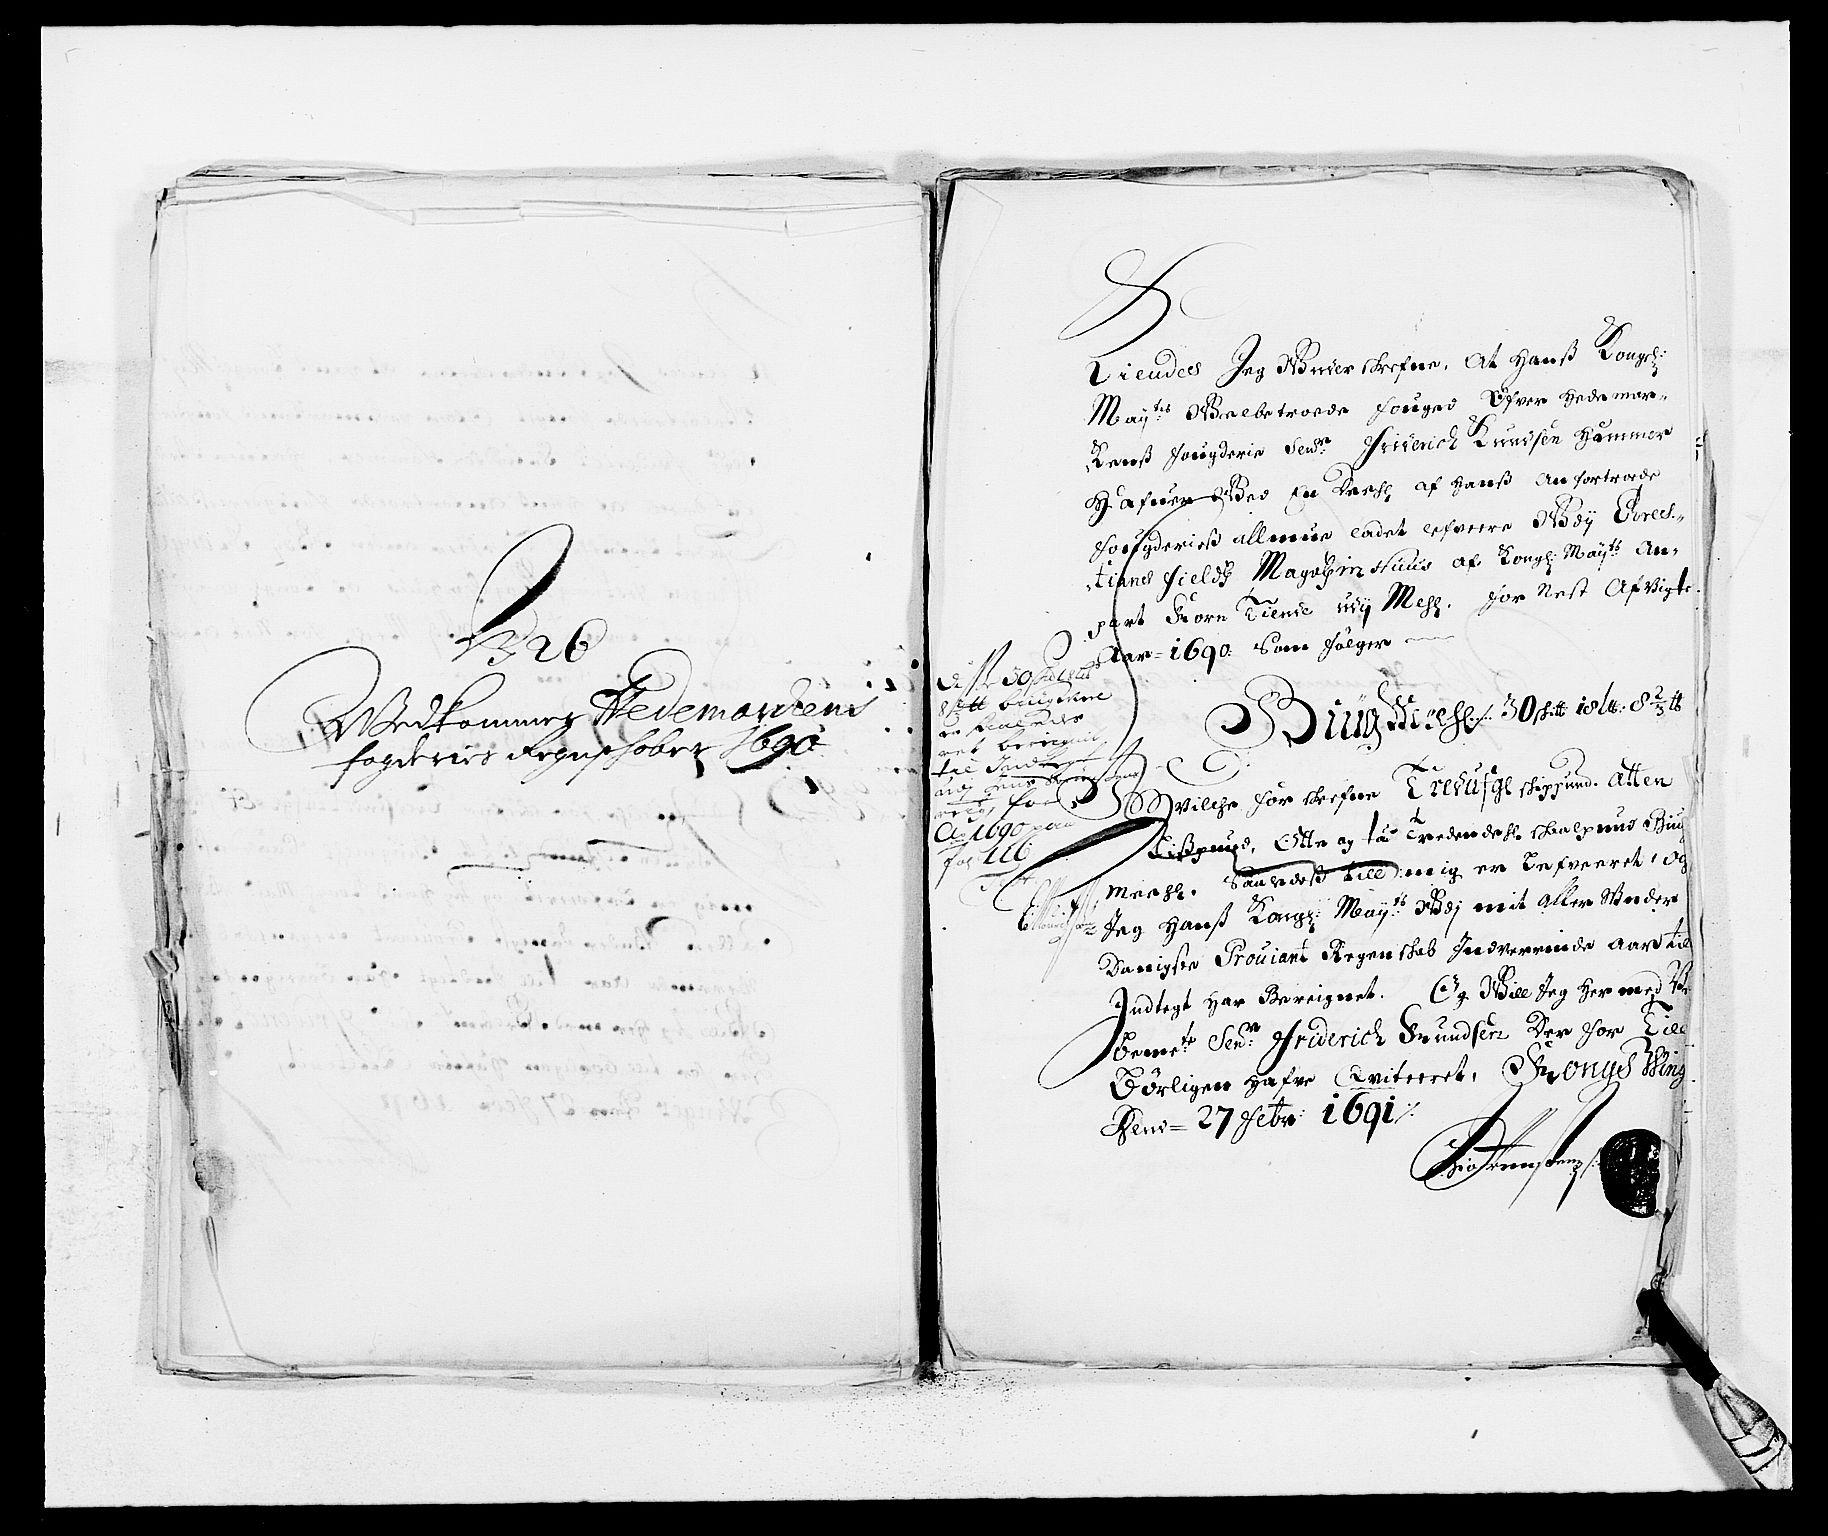 RA, Rentekammeret inntil 1814, Reviderte regnskaper, Fogderegnskap, R16/L1031: Fogderegnskap Hedmark, 1689-1692, s. 306